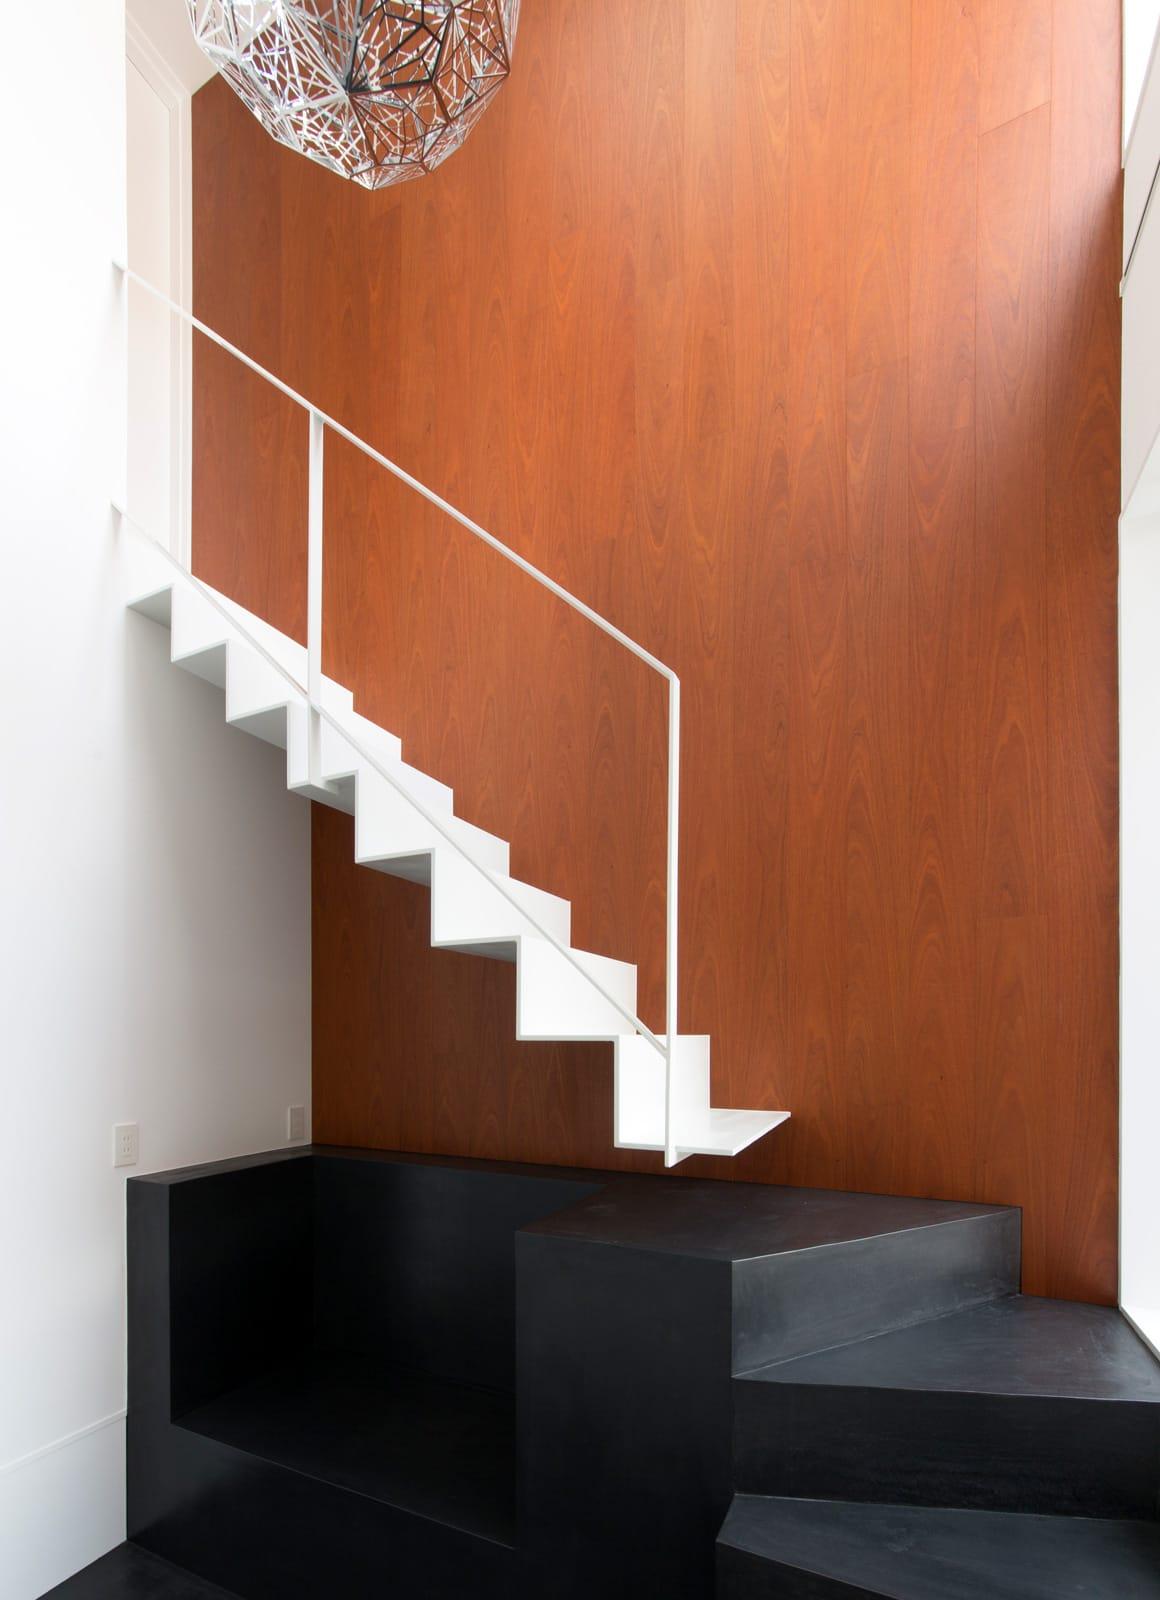 はなれのキッズハウスの階段(鉄骨製)1